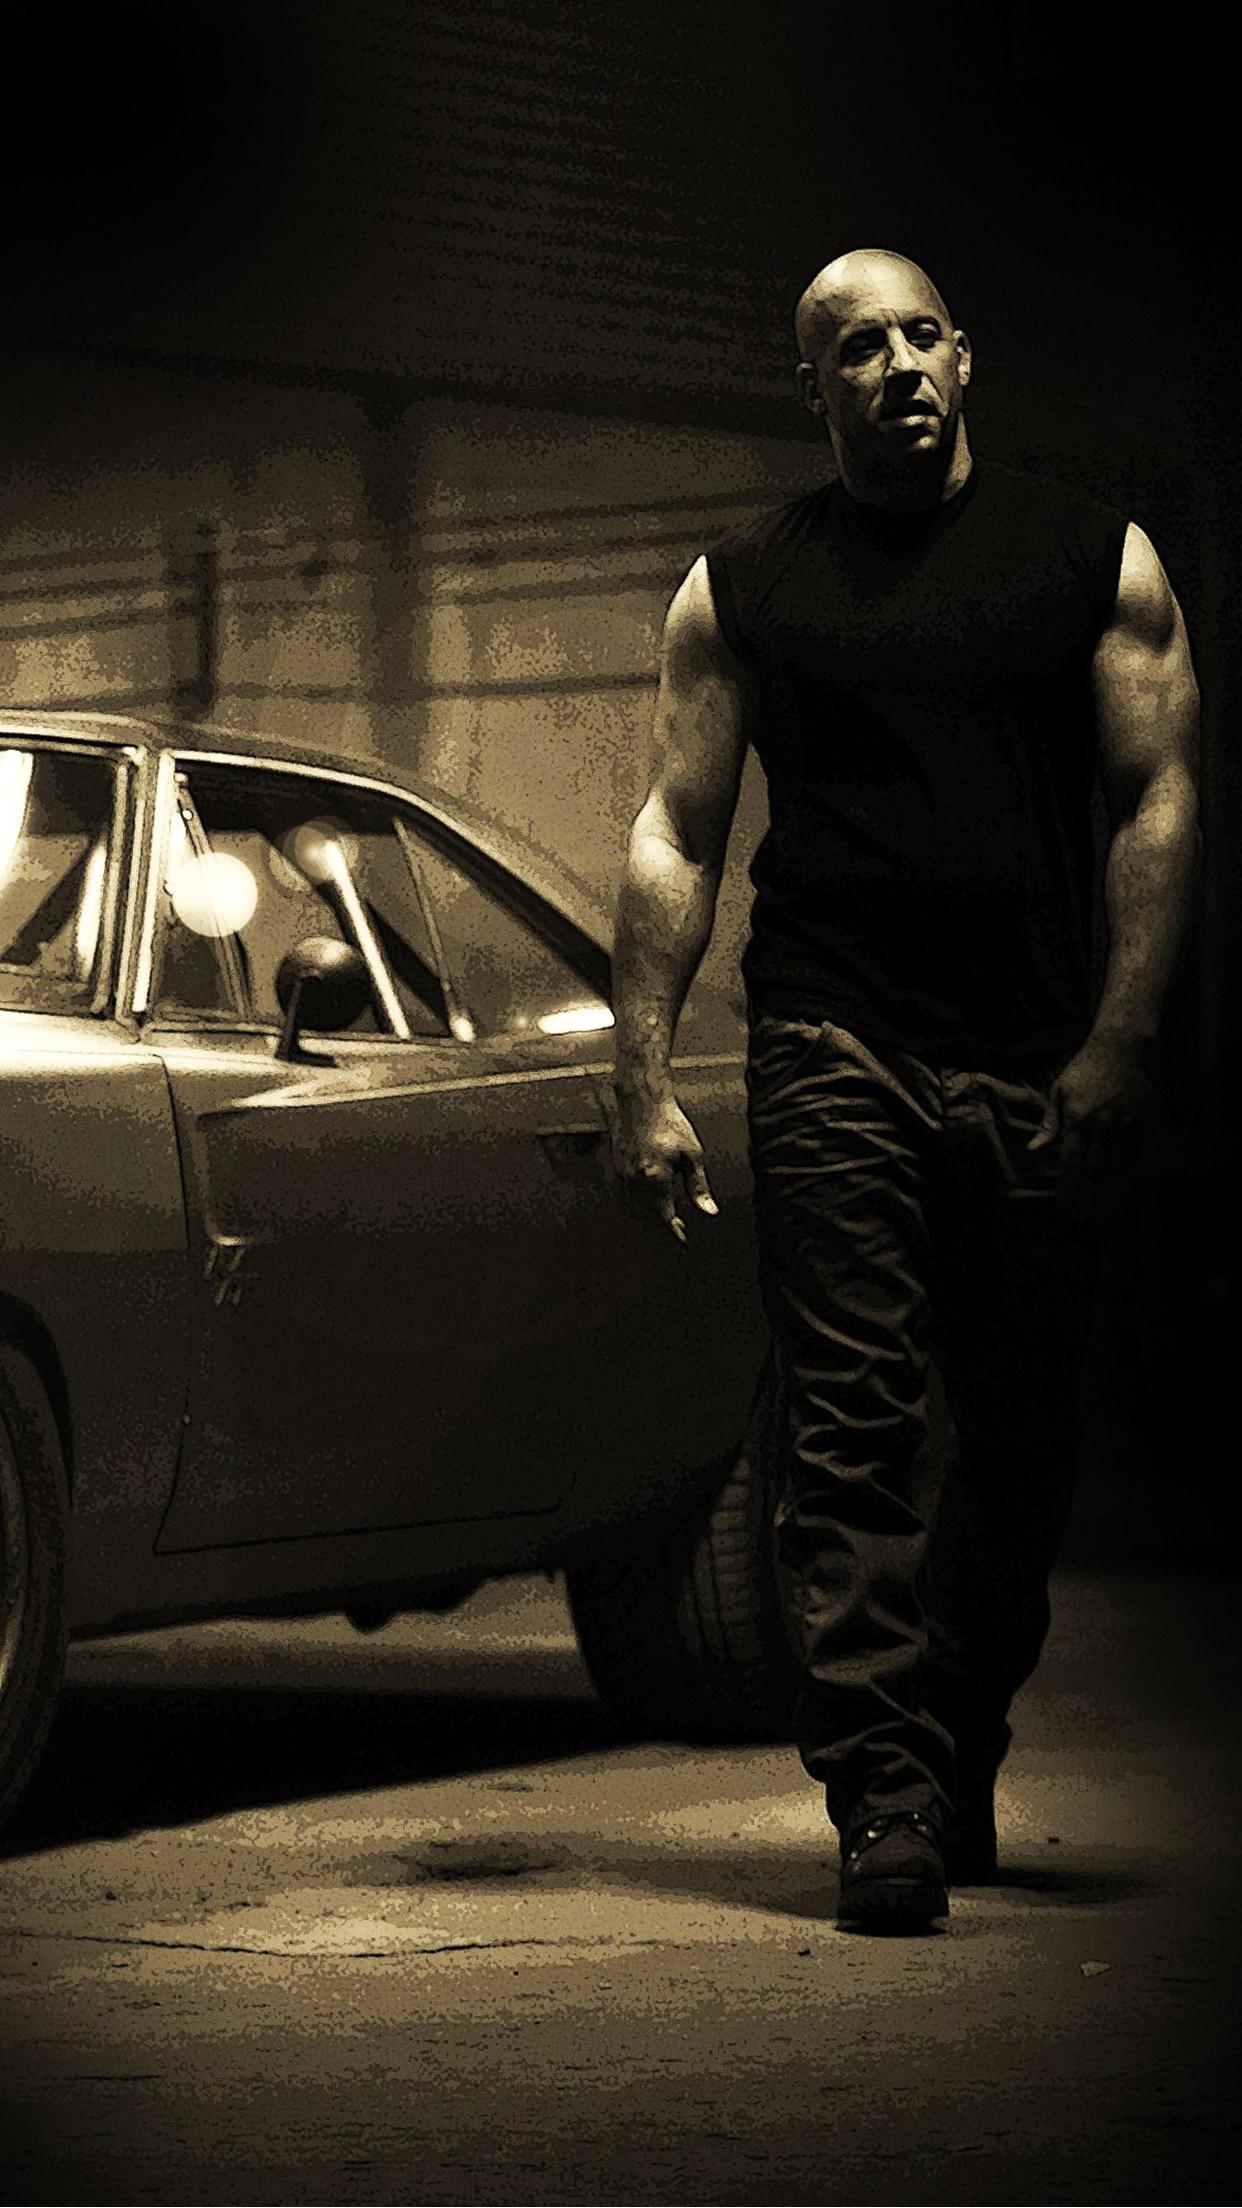 Fast Furious Vin Diesel iPhone Parallax 3Wallpapers Fast & Furious Vin Diesel